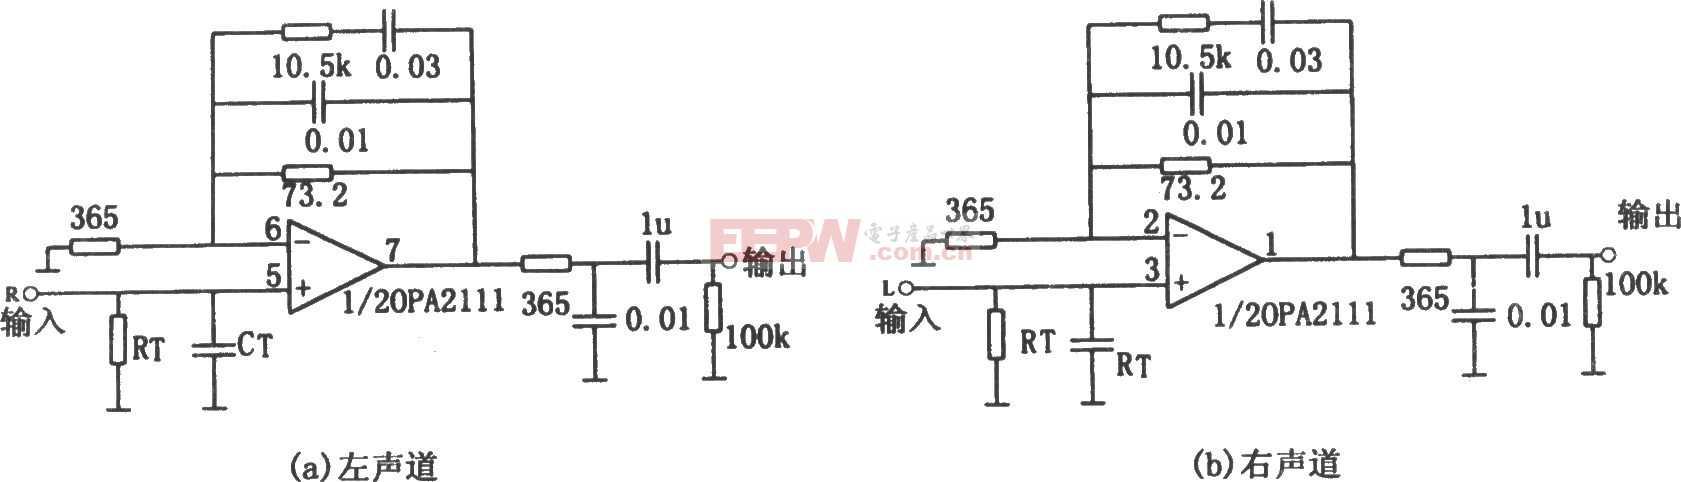 OPA2111构成的均衡立体声前置放大电路